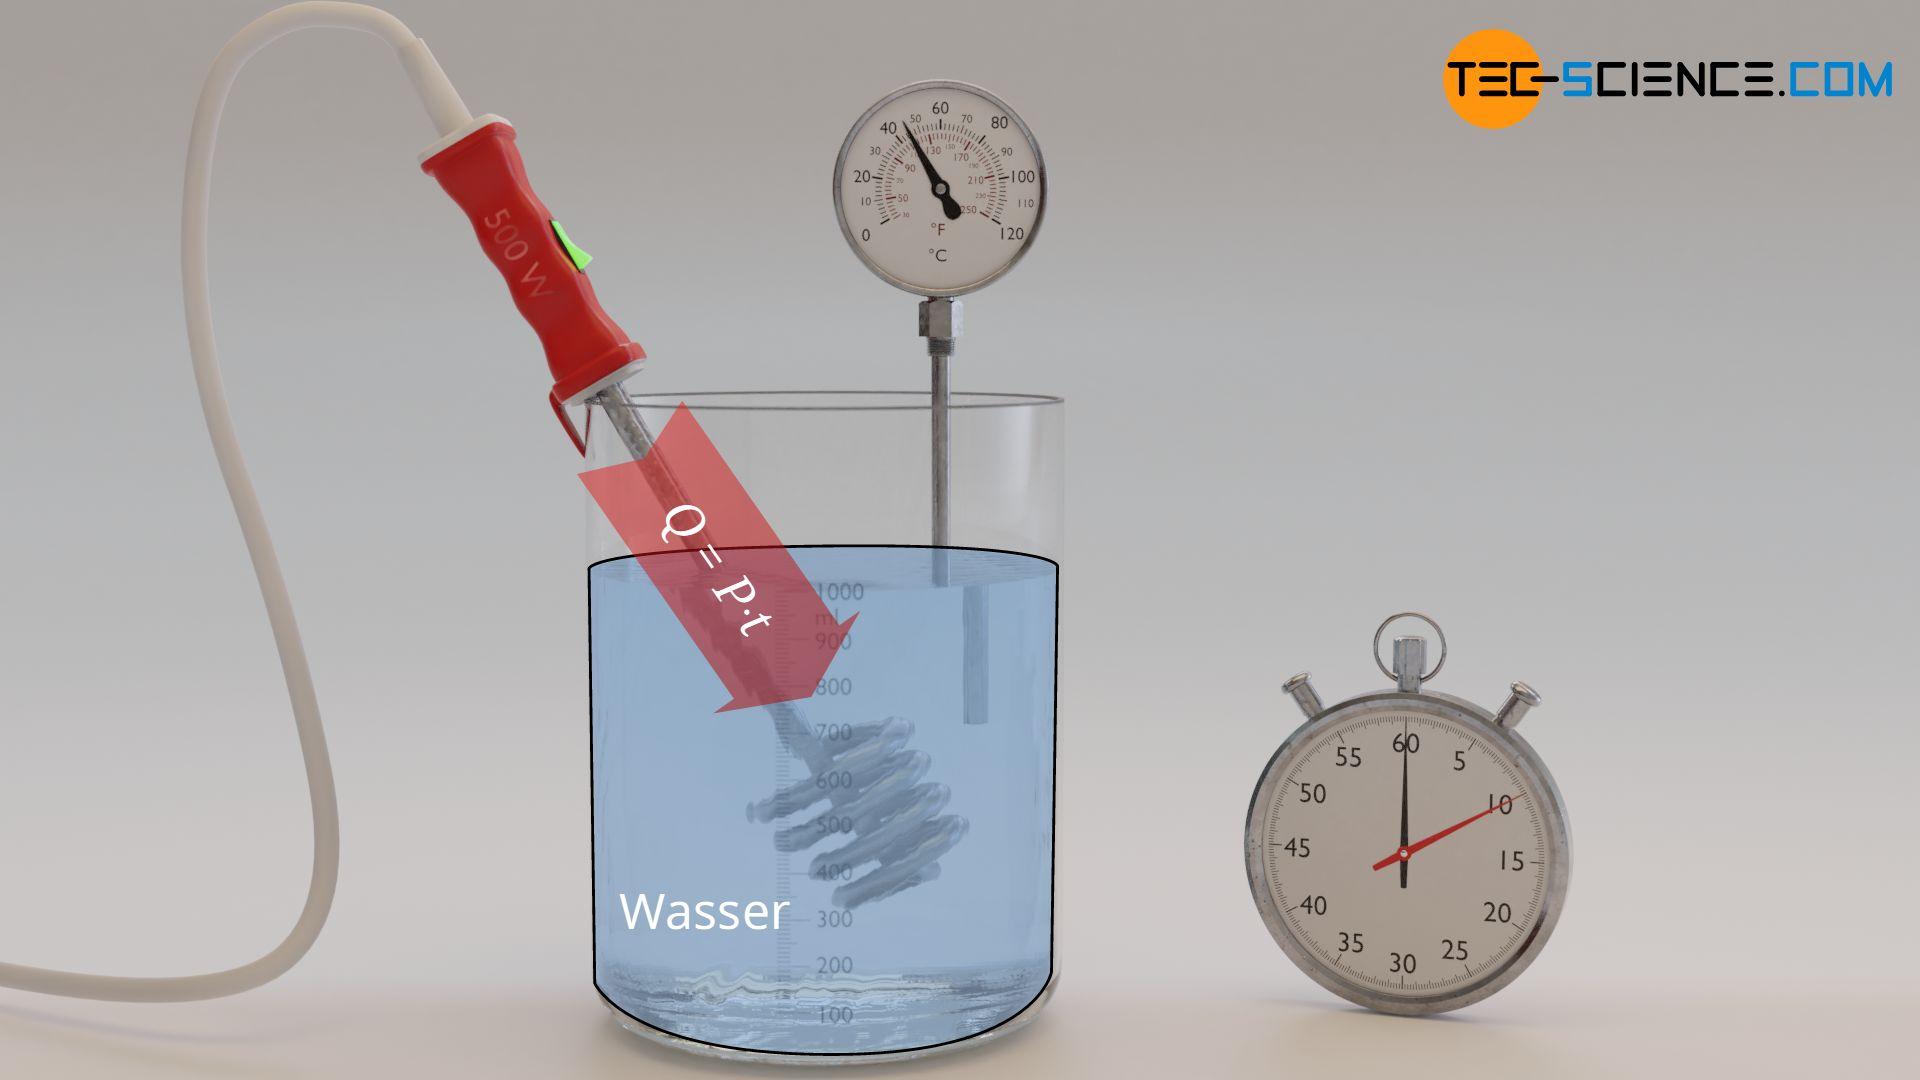 Bestimmung der zugeführten Wärme über die elektrische Heizleistung und die Zeit